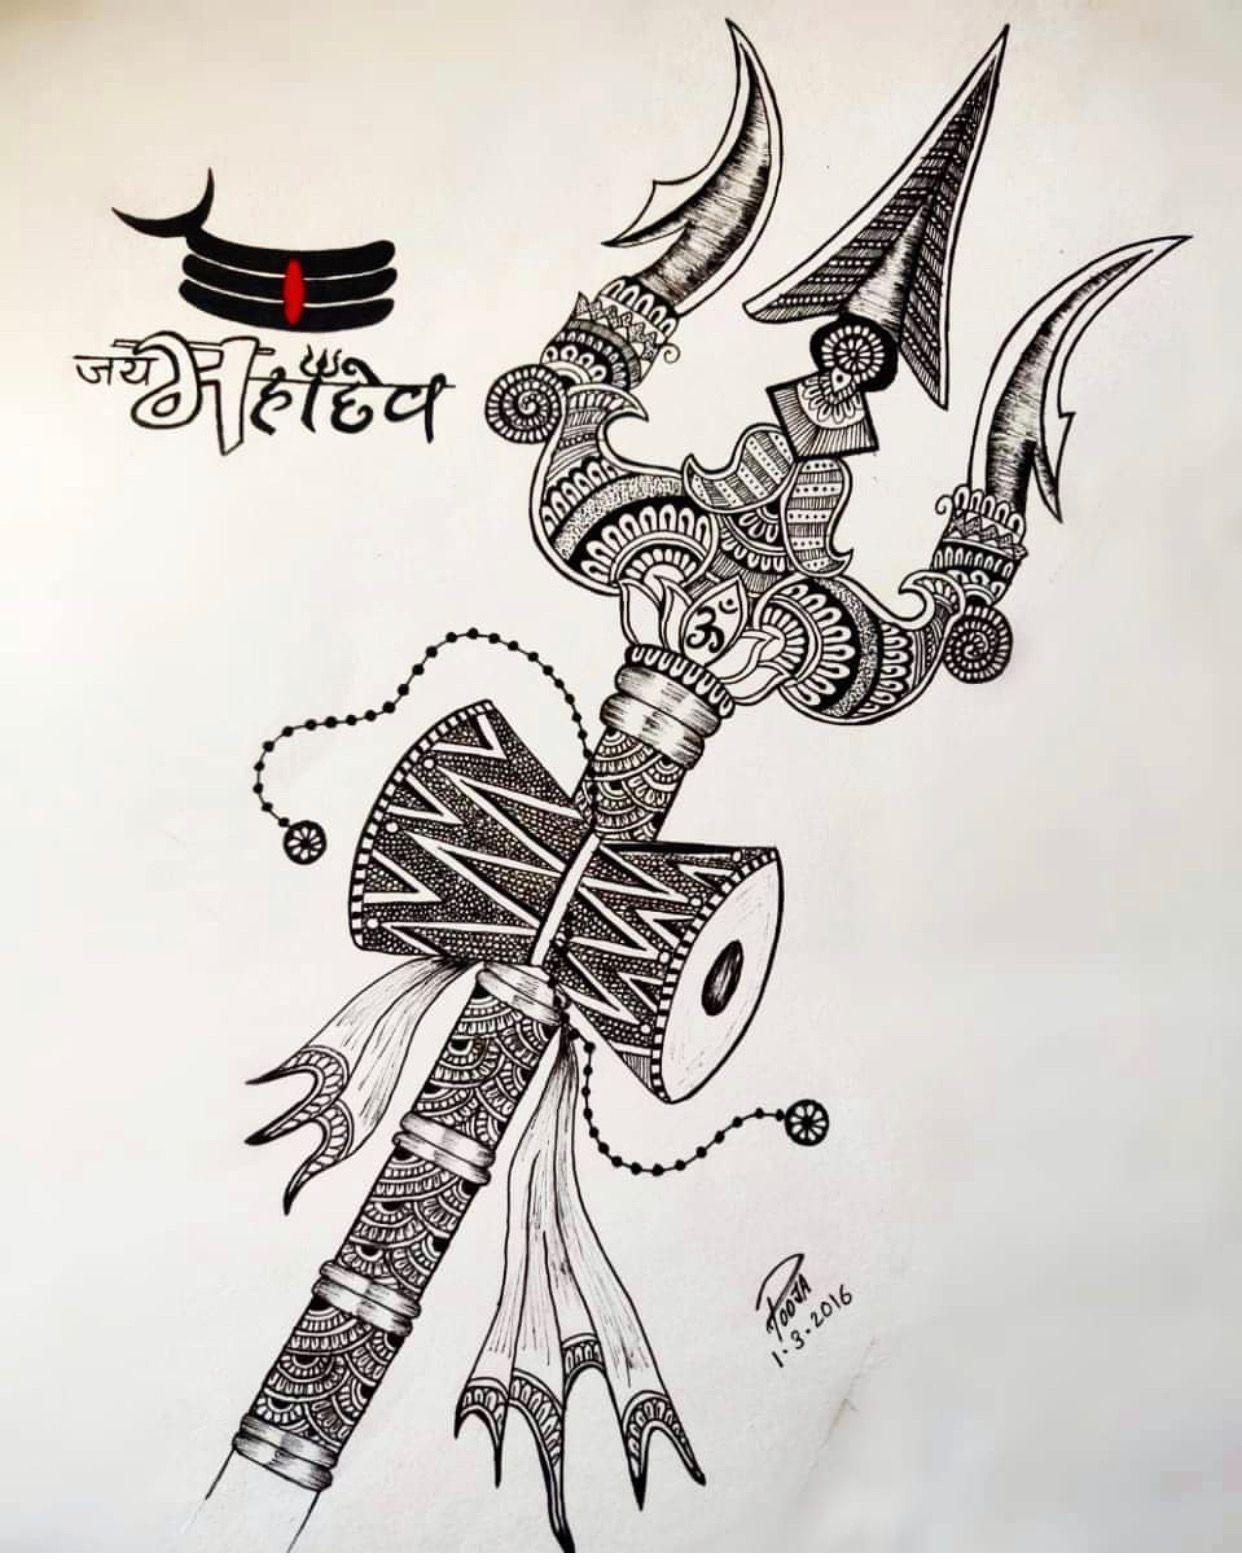 Har har mahadev shiva art shiva shakti shiva sketch mahadev tattoo ganesha